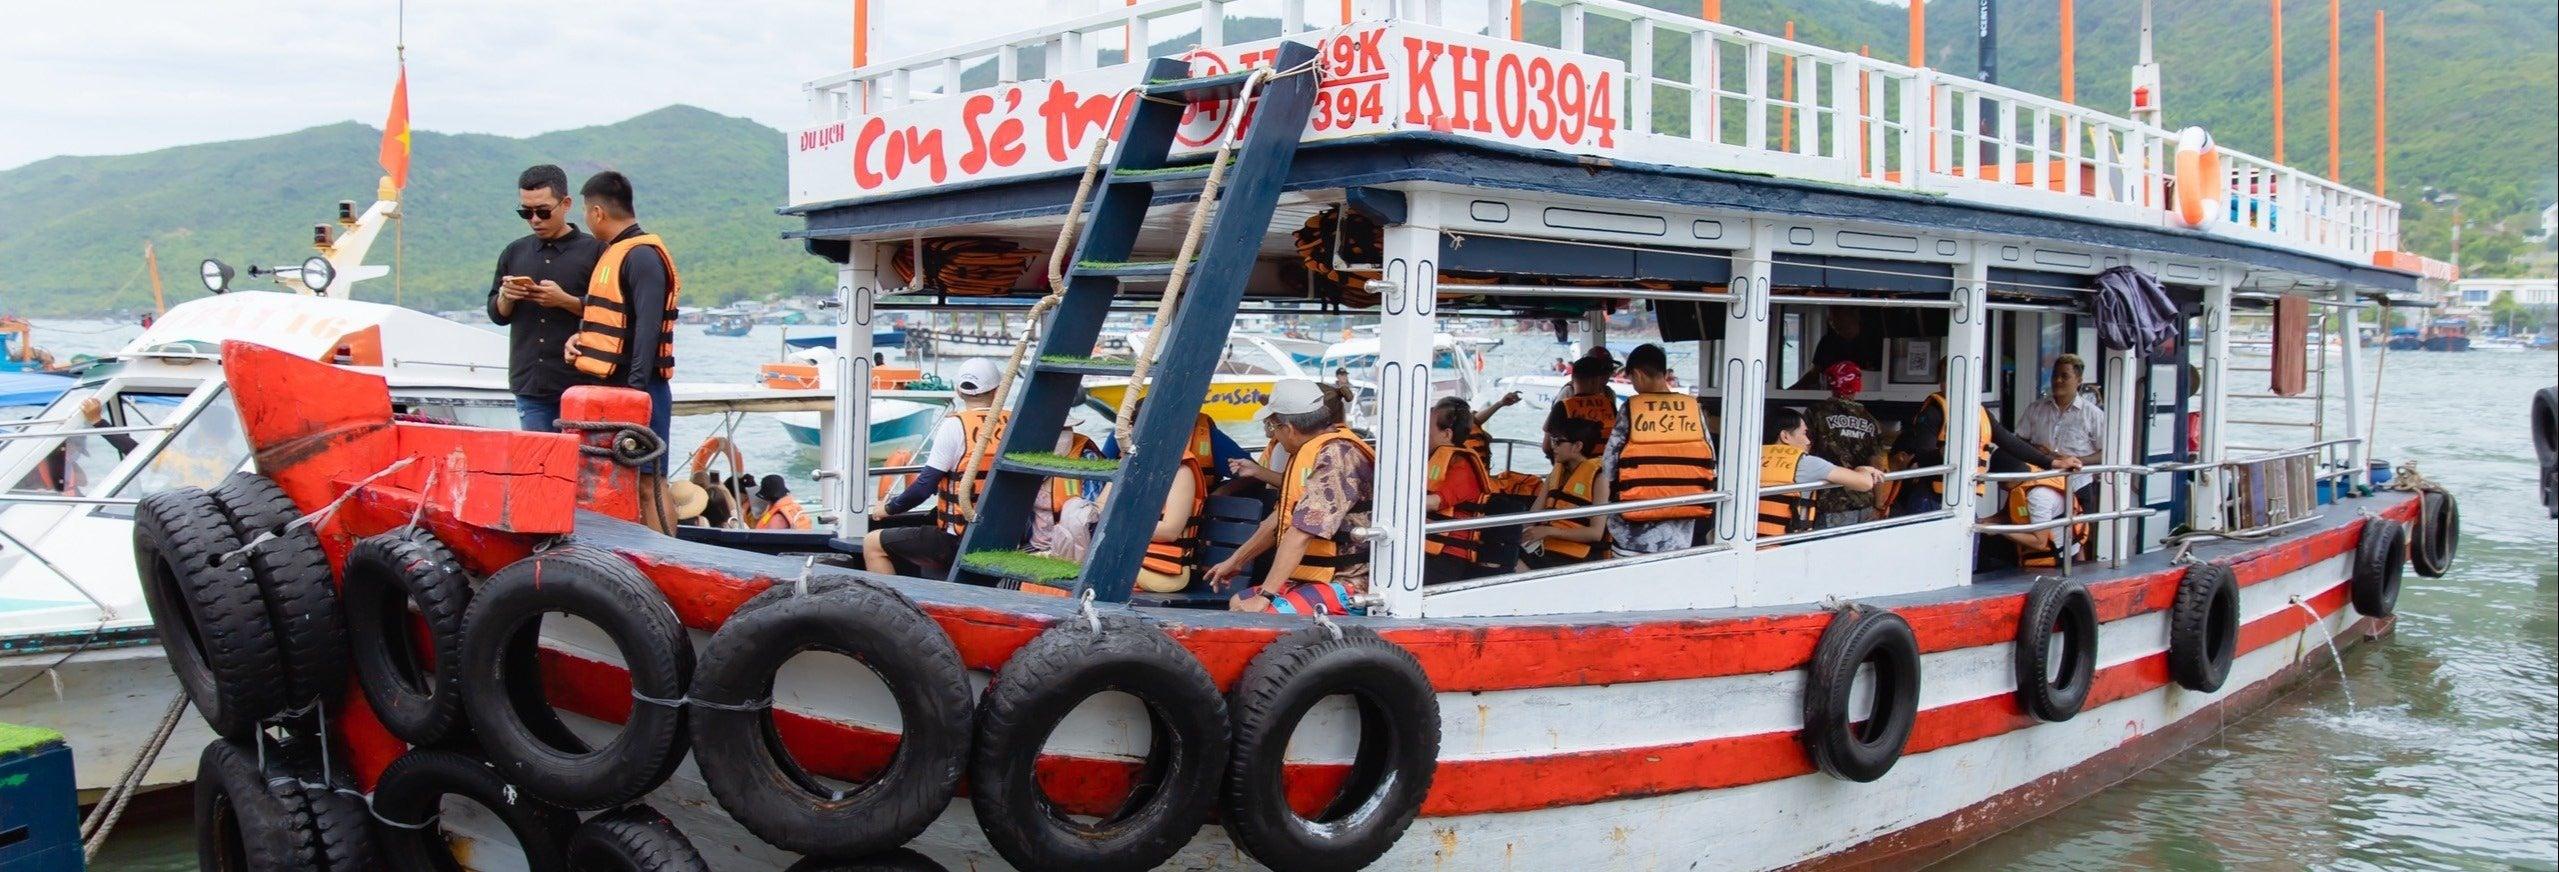 Tour pelas ilhas de Nha Trang